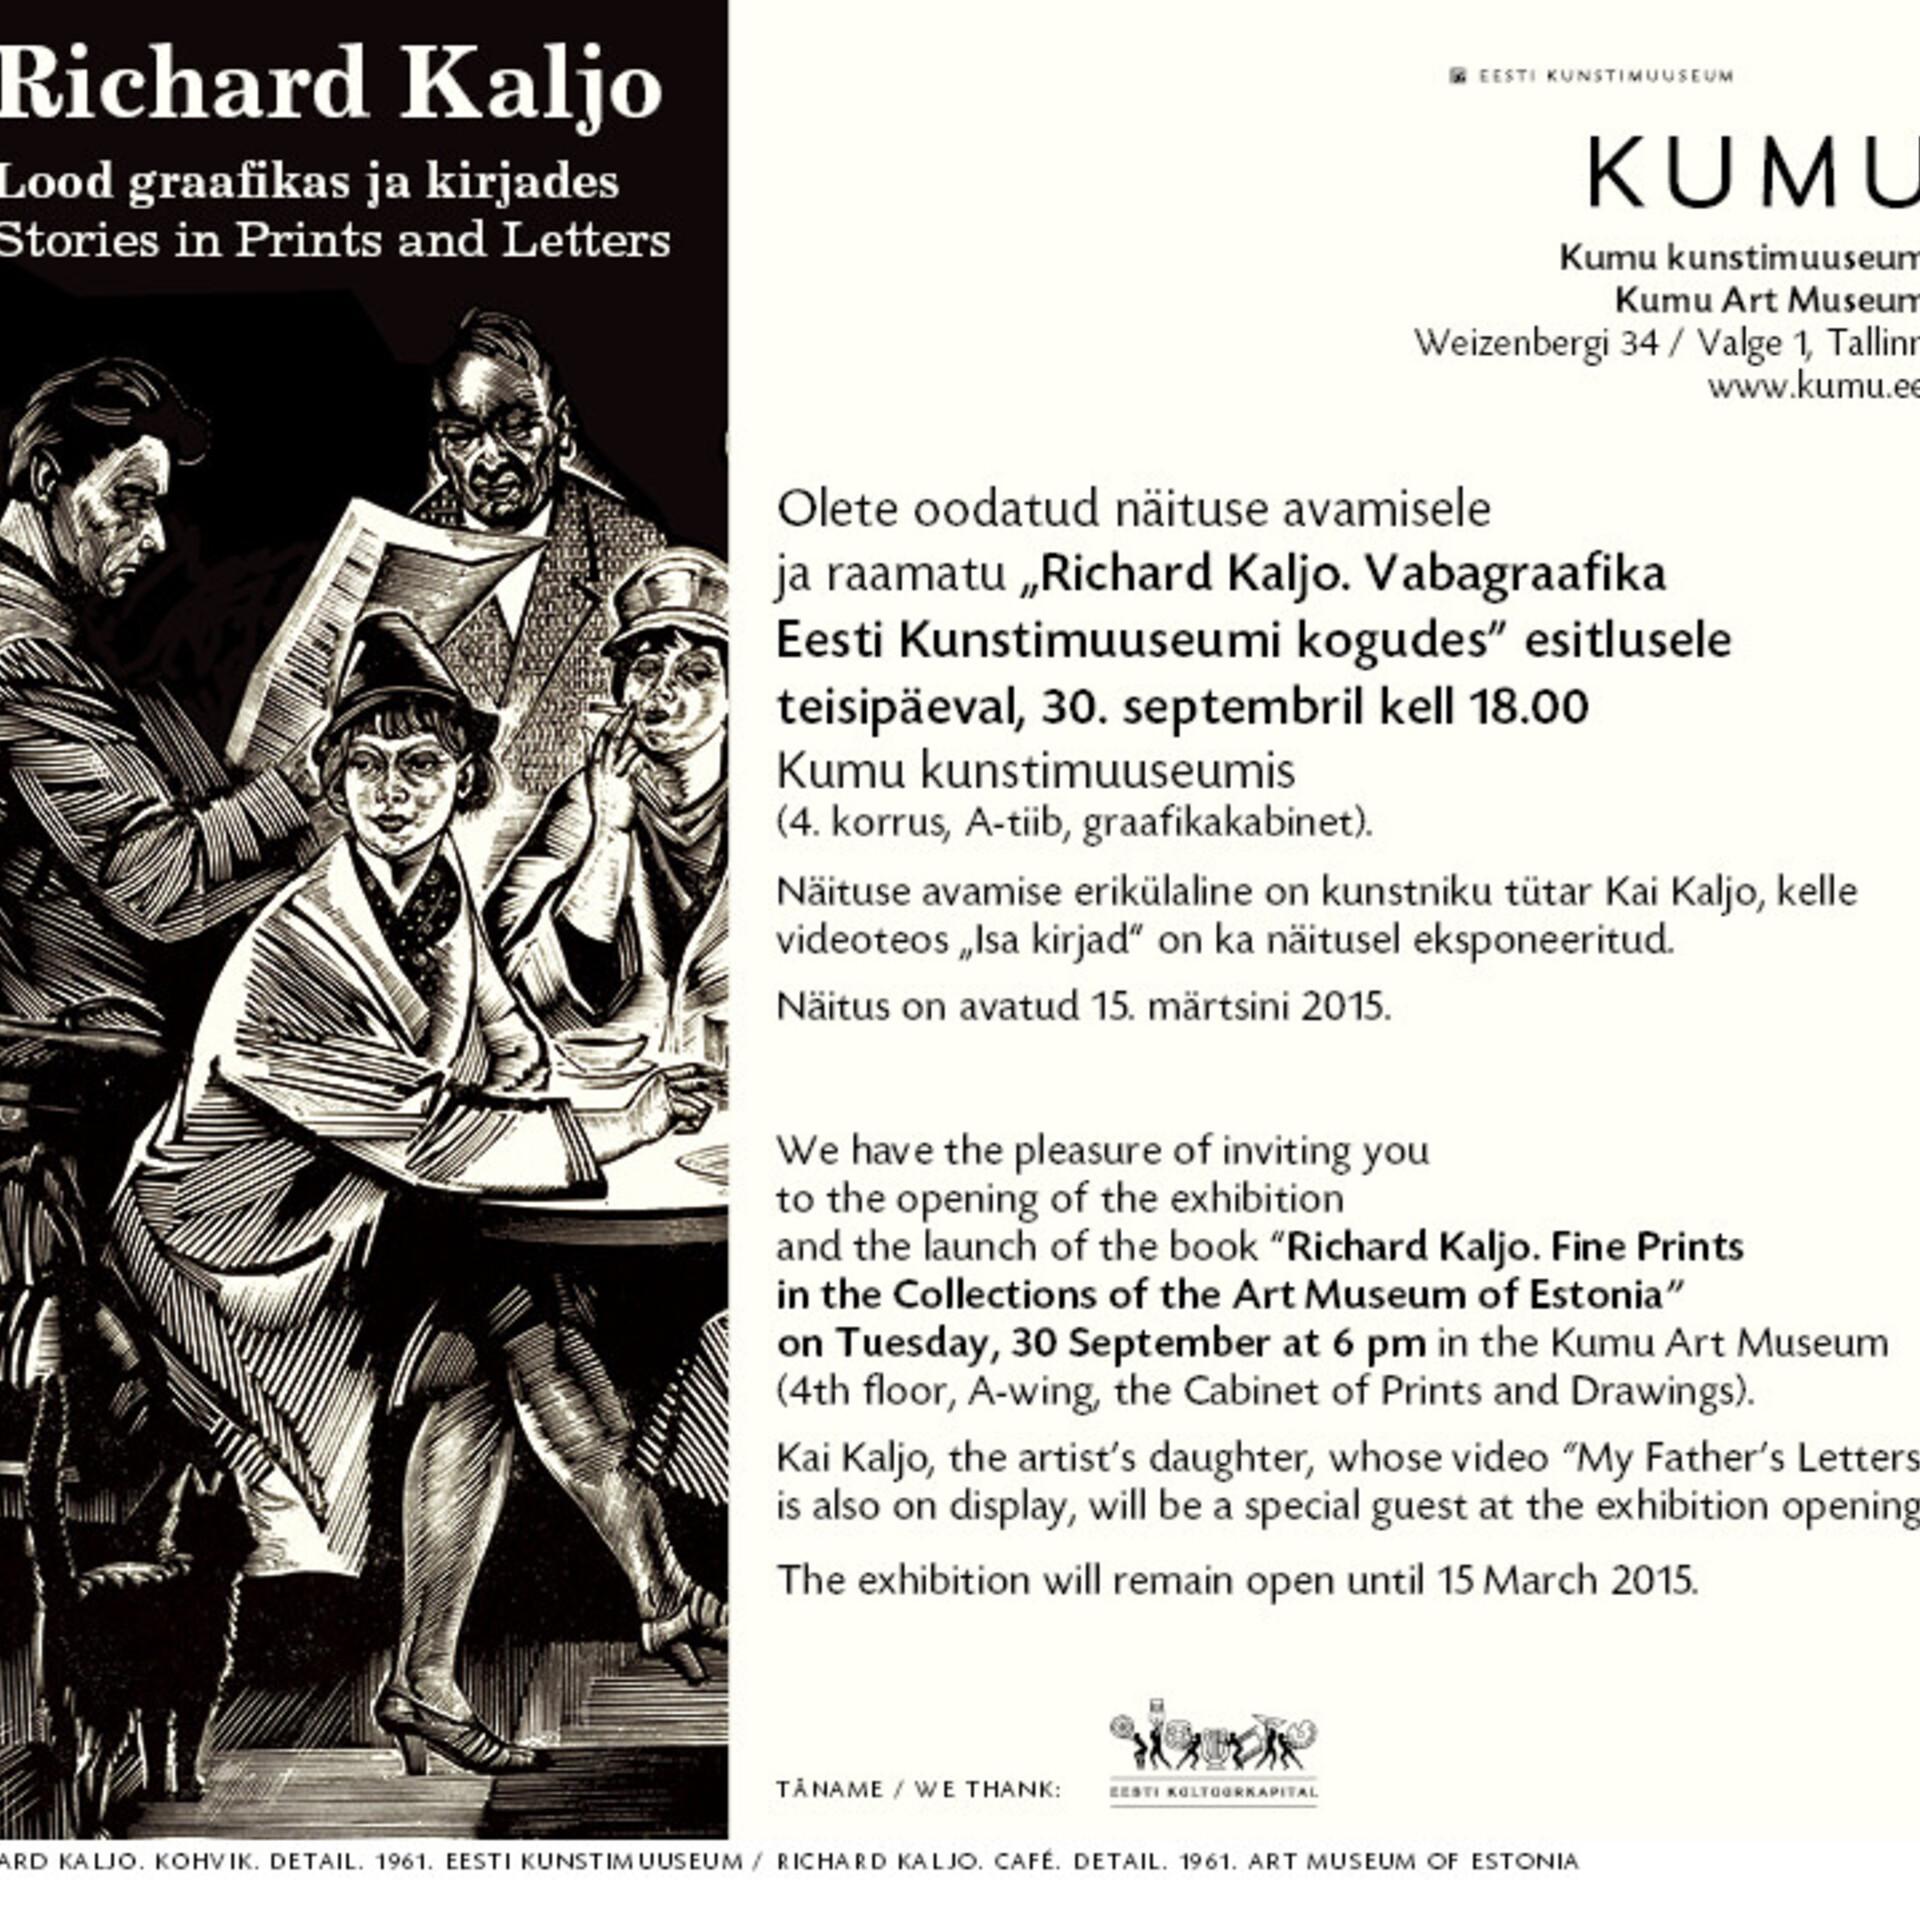 Kumus tähistatakse Richard Kaljo juubelit näituse ja